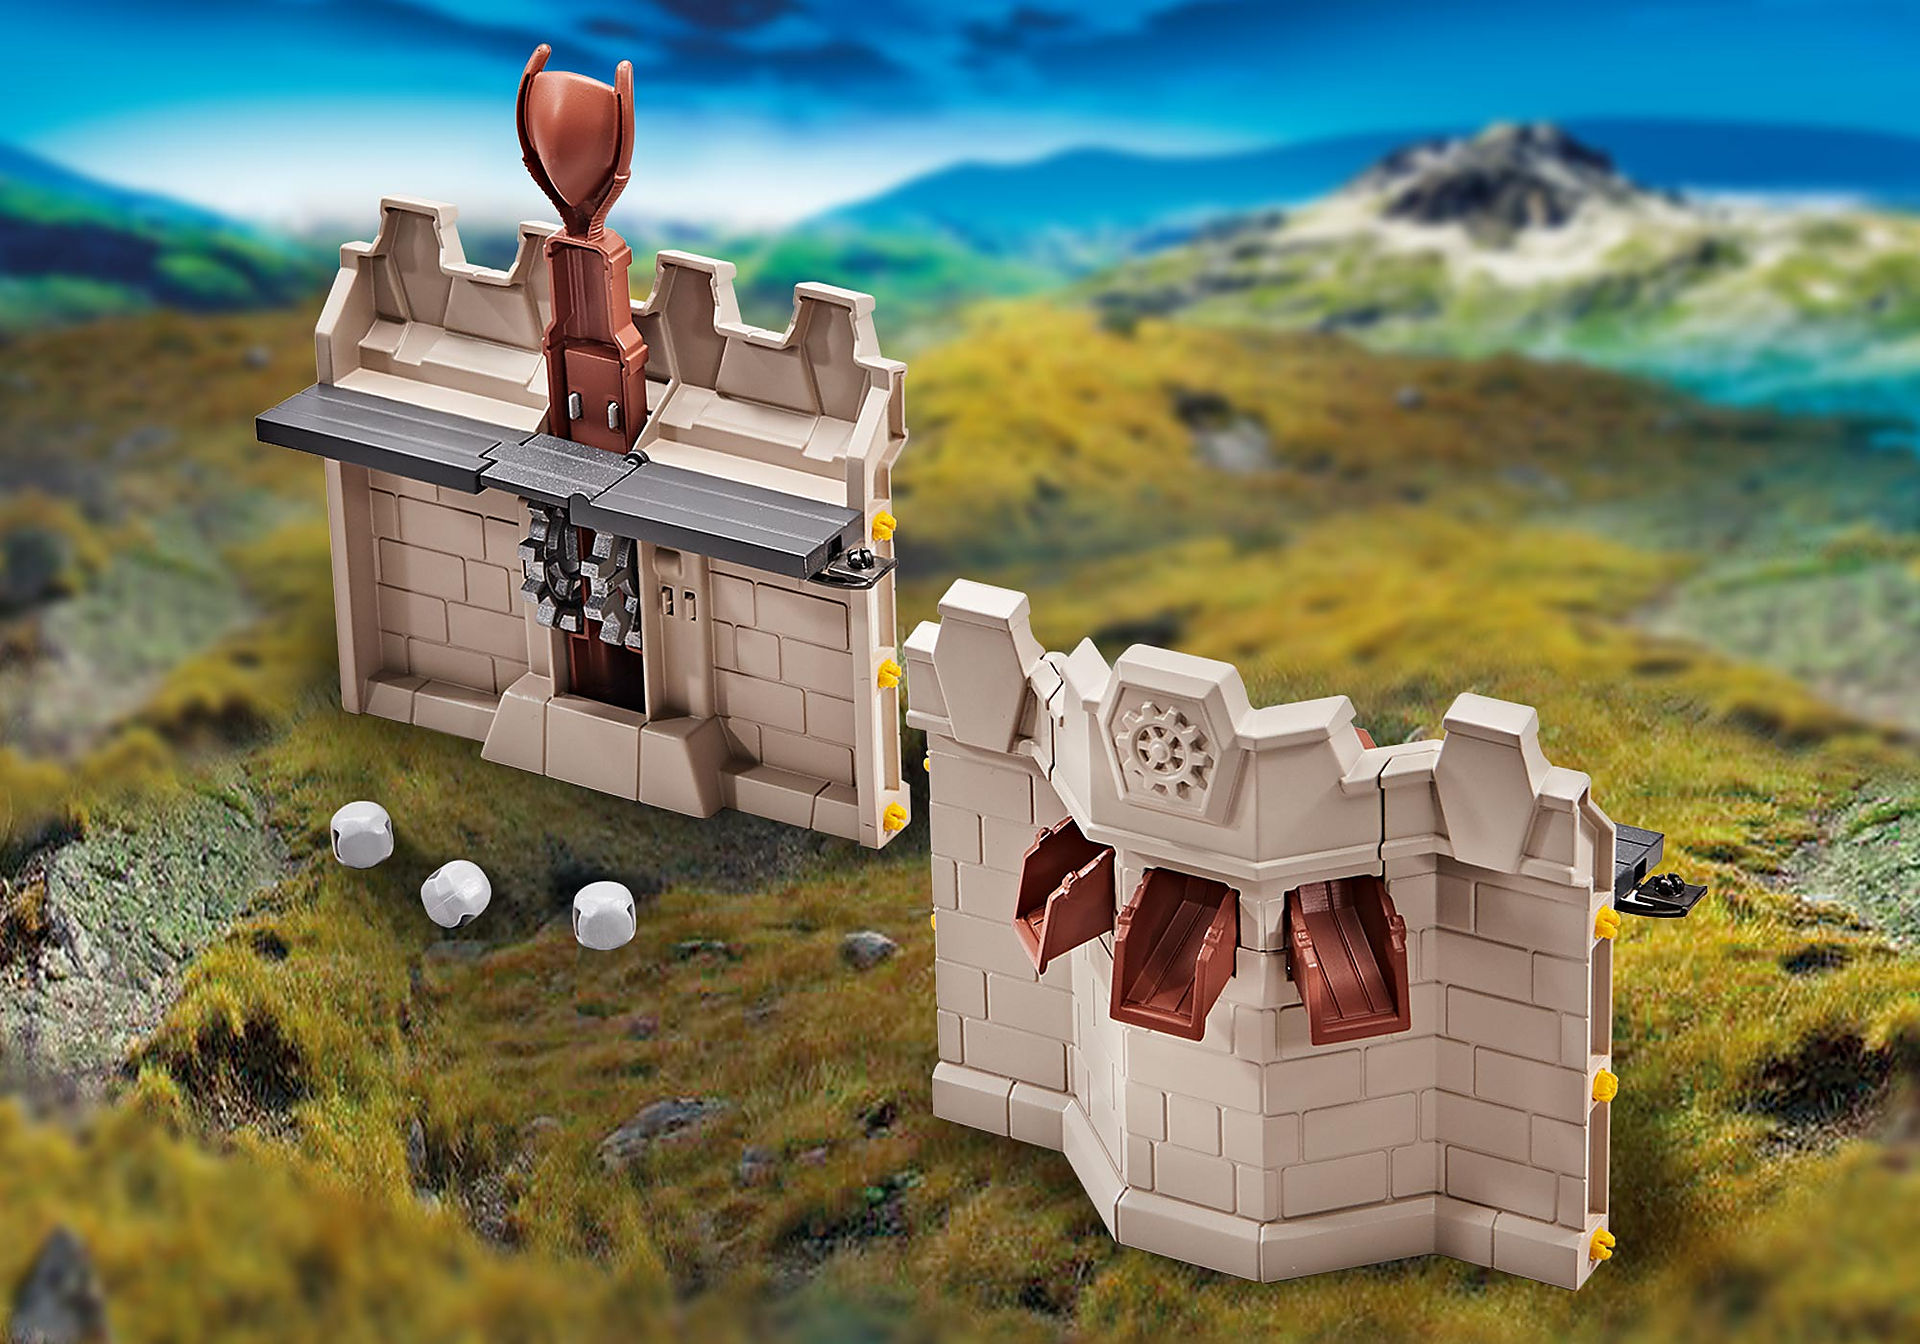 9839 Επέκταση Τείχους με Καταπέλτη για το Μεγάλο Κάστρο του Νόβελμορ zoom image1